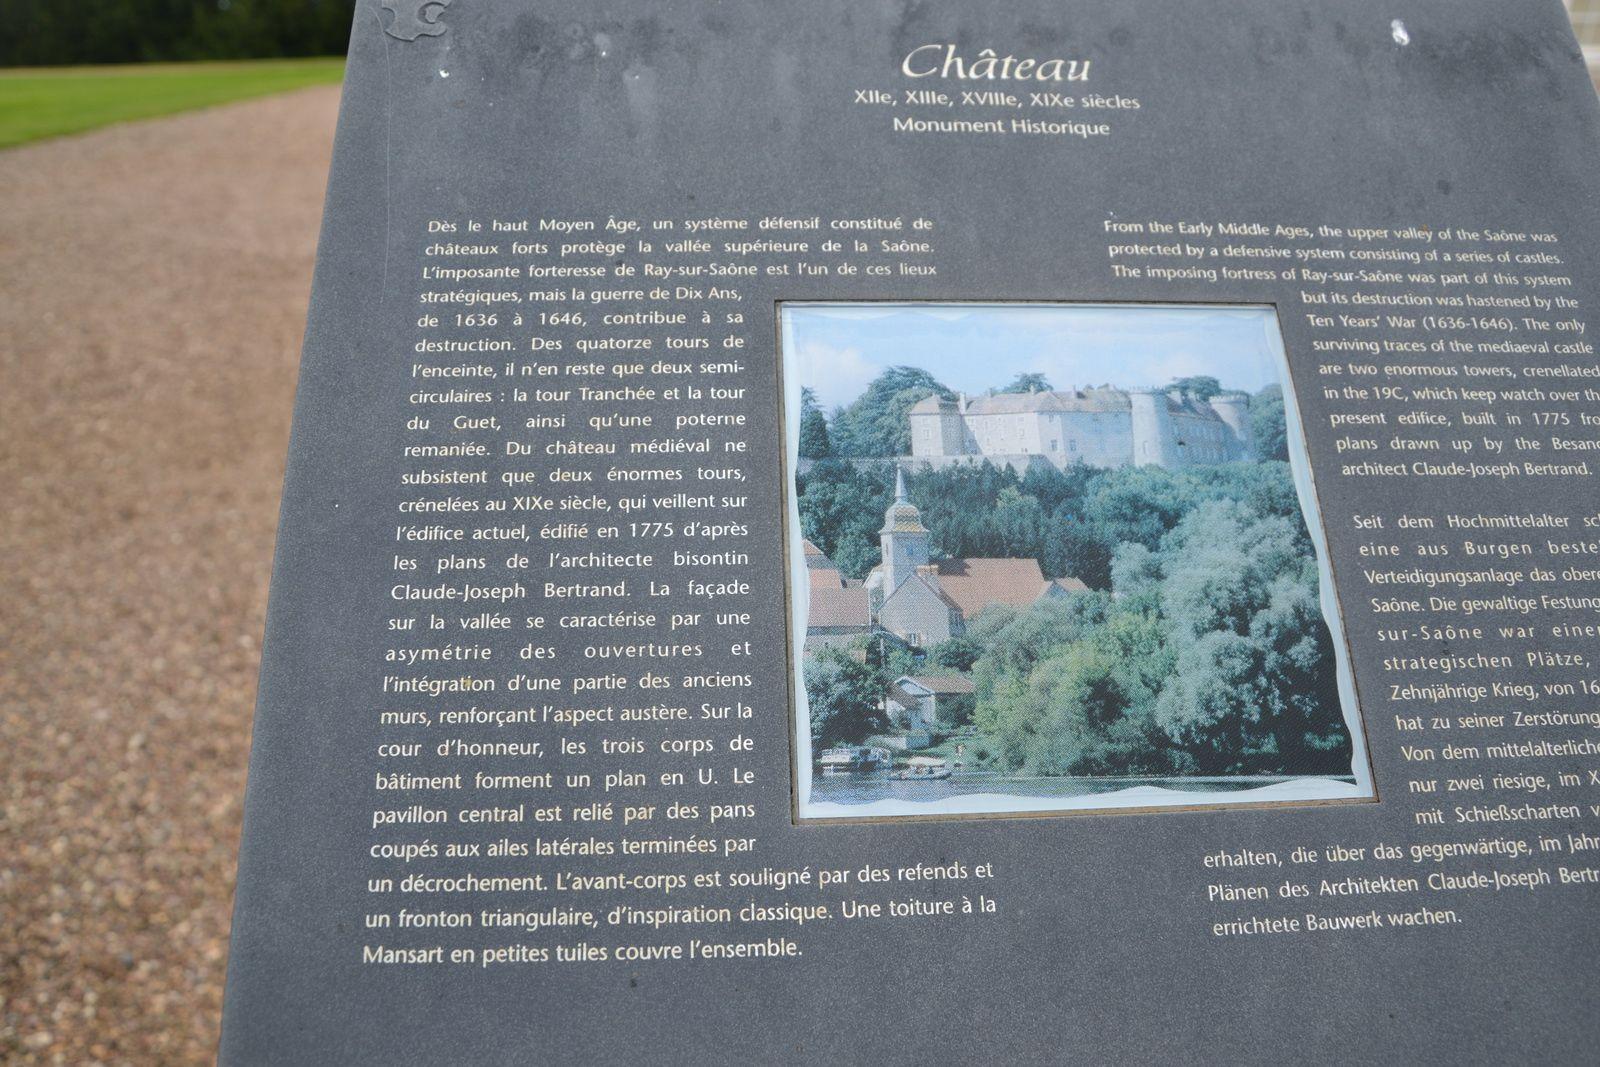 Le château de Ray-sur-Saône